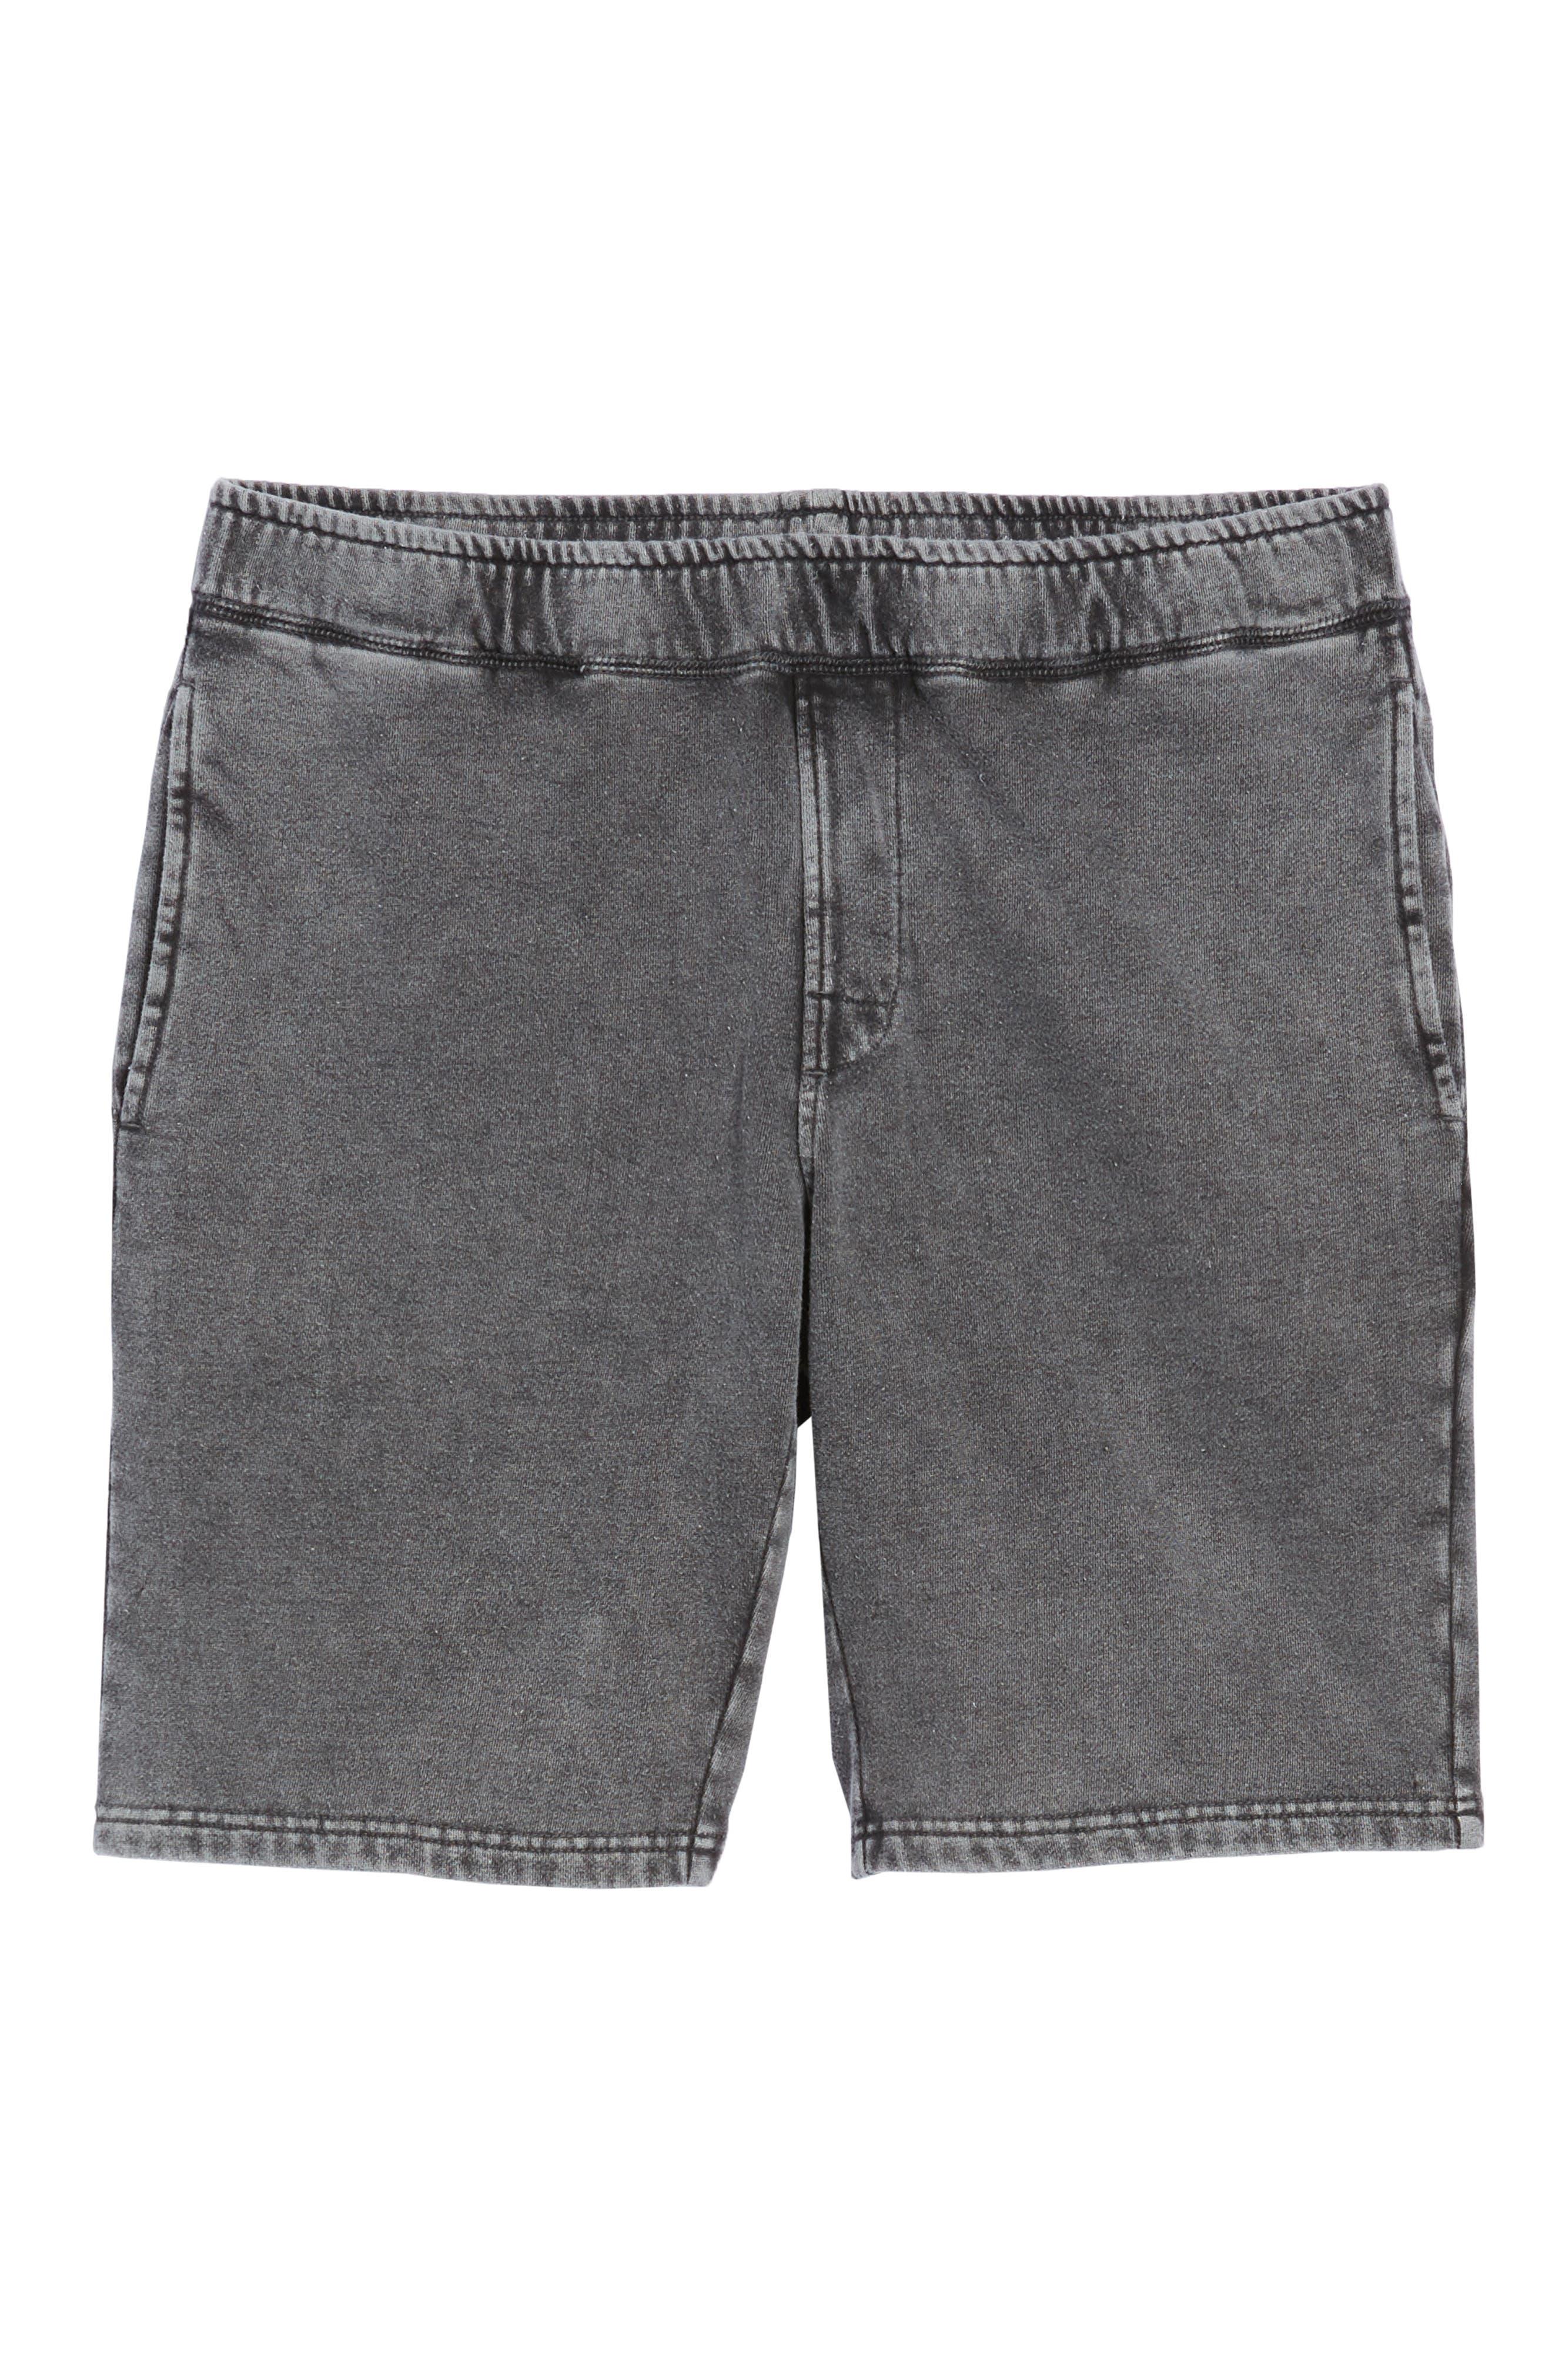 Matador Shorts,                             Alternate thumbnail 6, color,                             RVCA BLACK